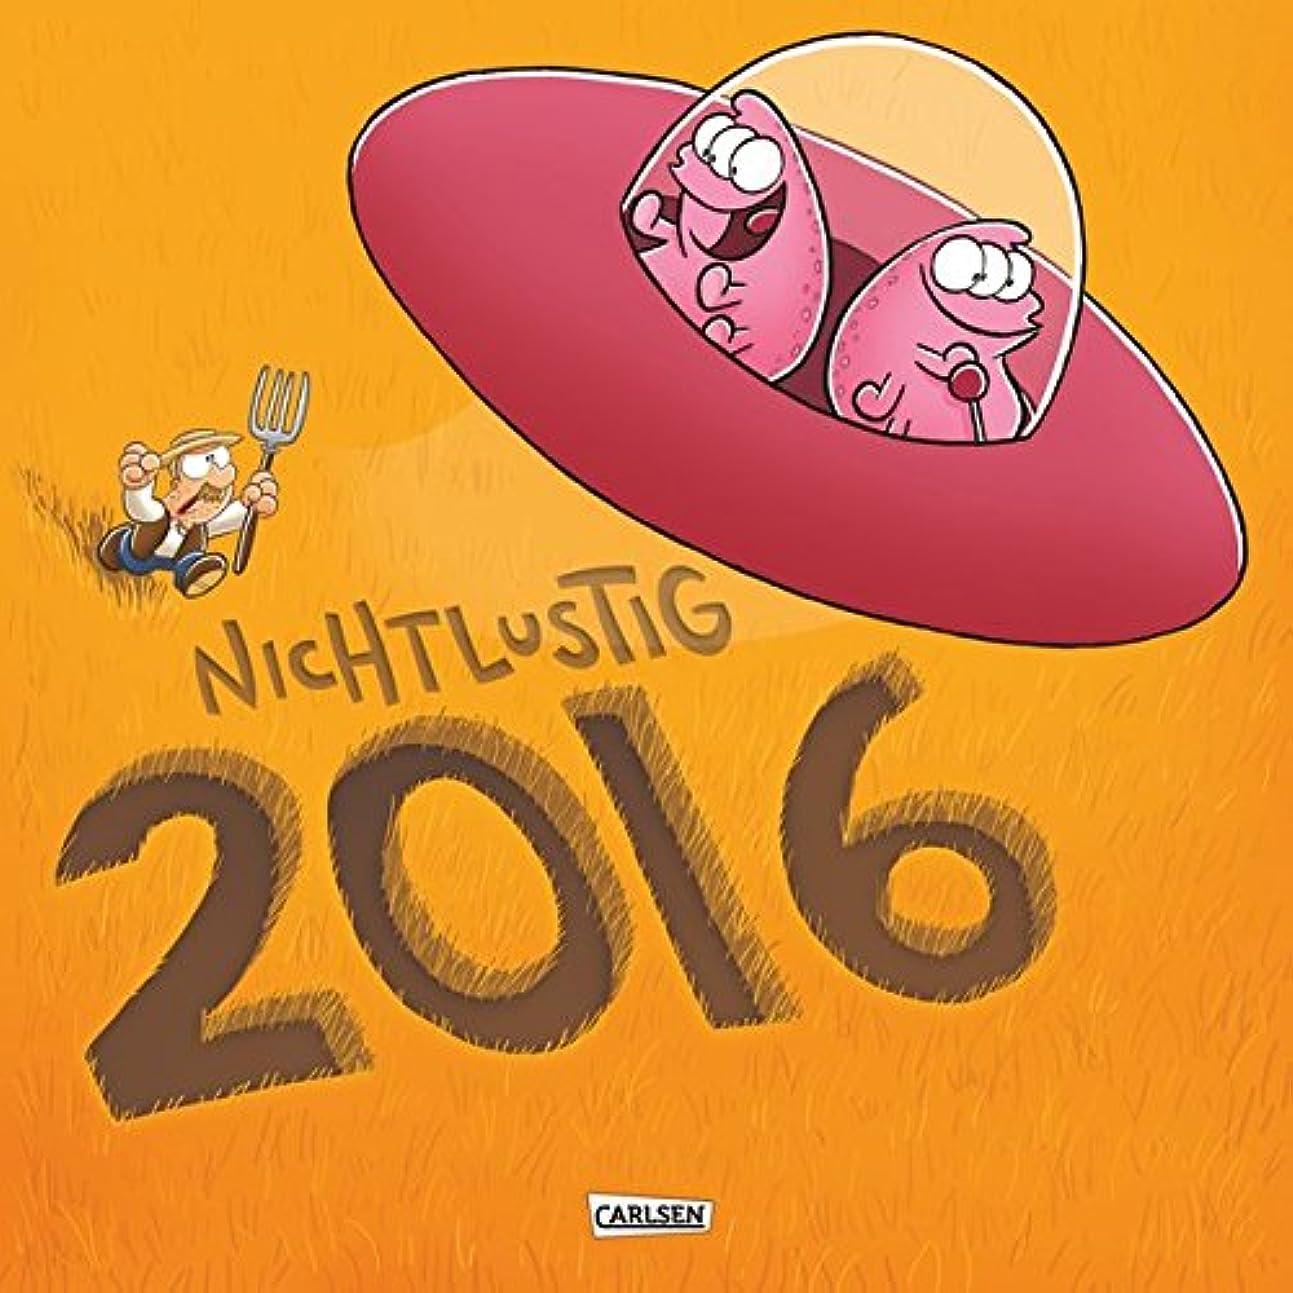 大惨事準備した一貫したNichtlustig Wandkalender 2016: Nicht Lustig